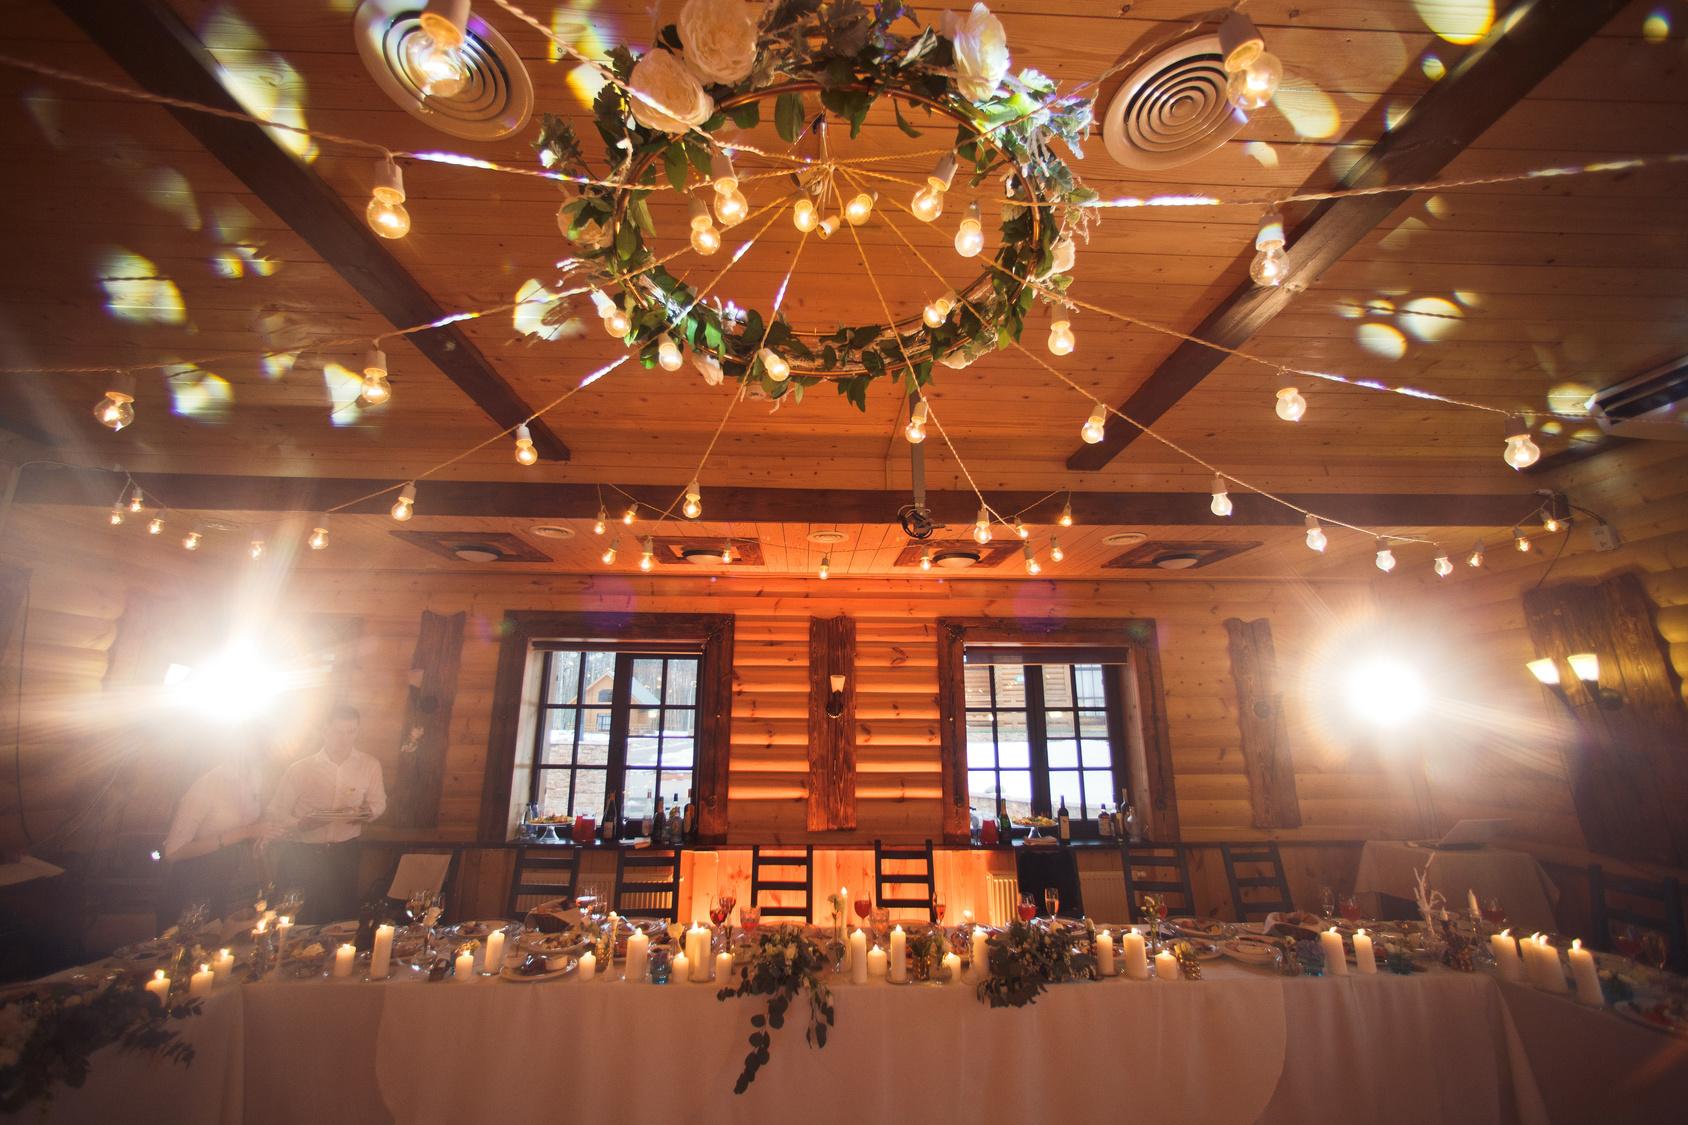 podwieszane wieńce na sali weselnej